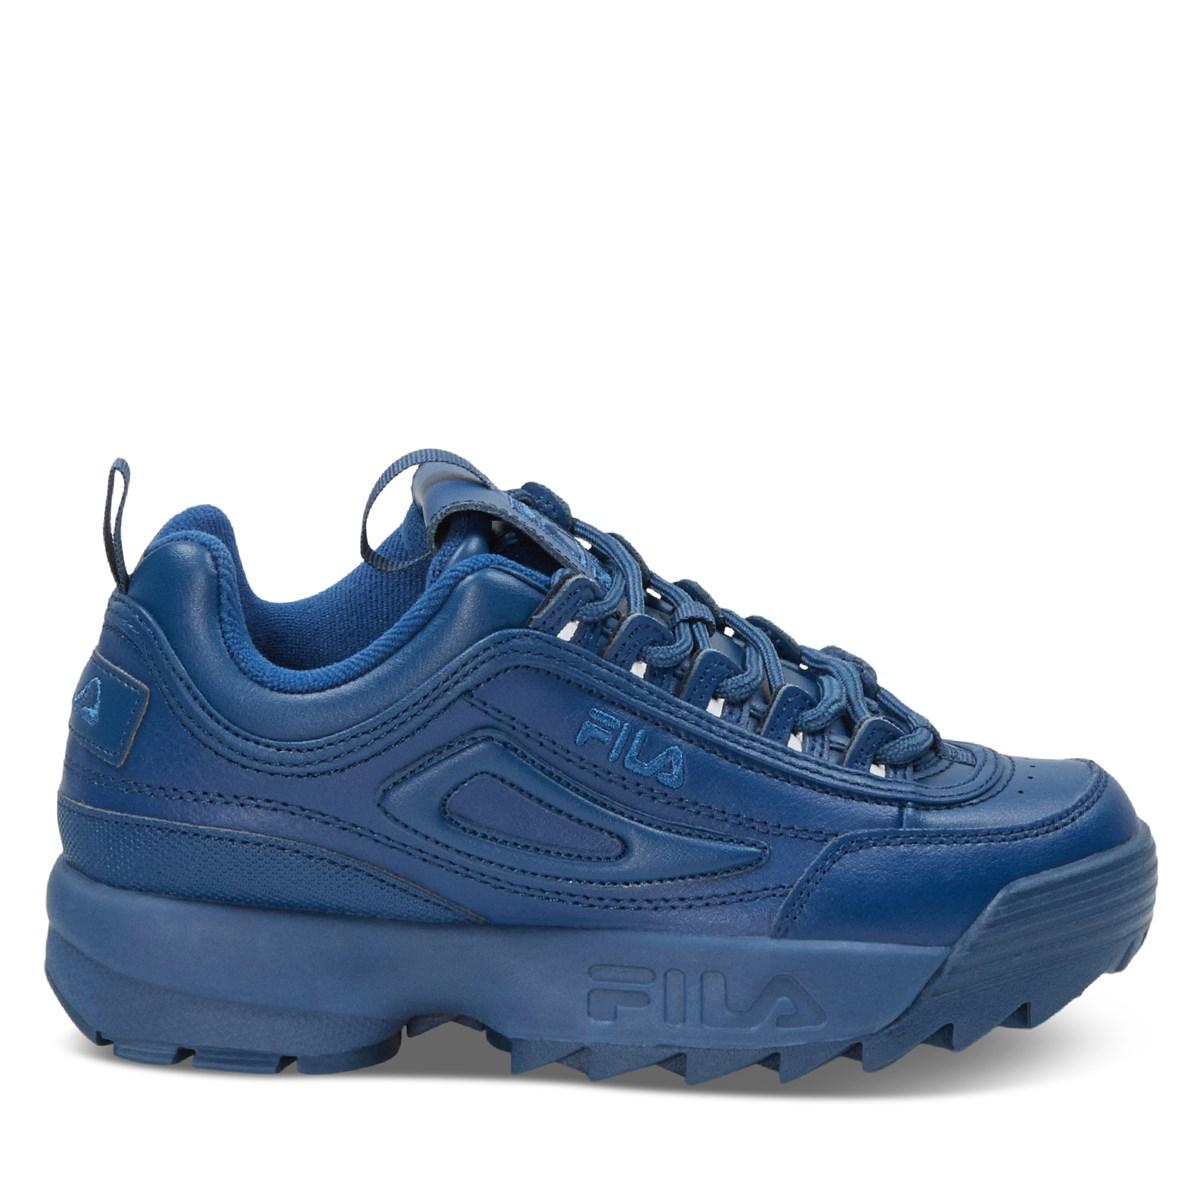 Women's Disruptor II Sneakers in Blue